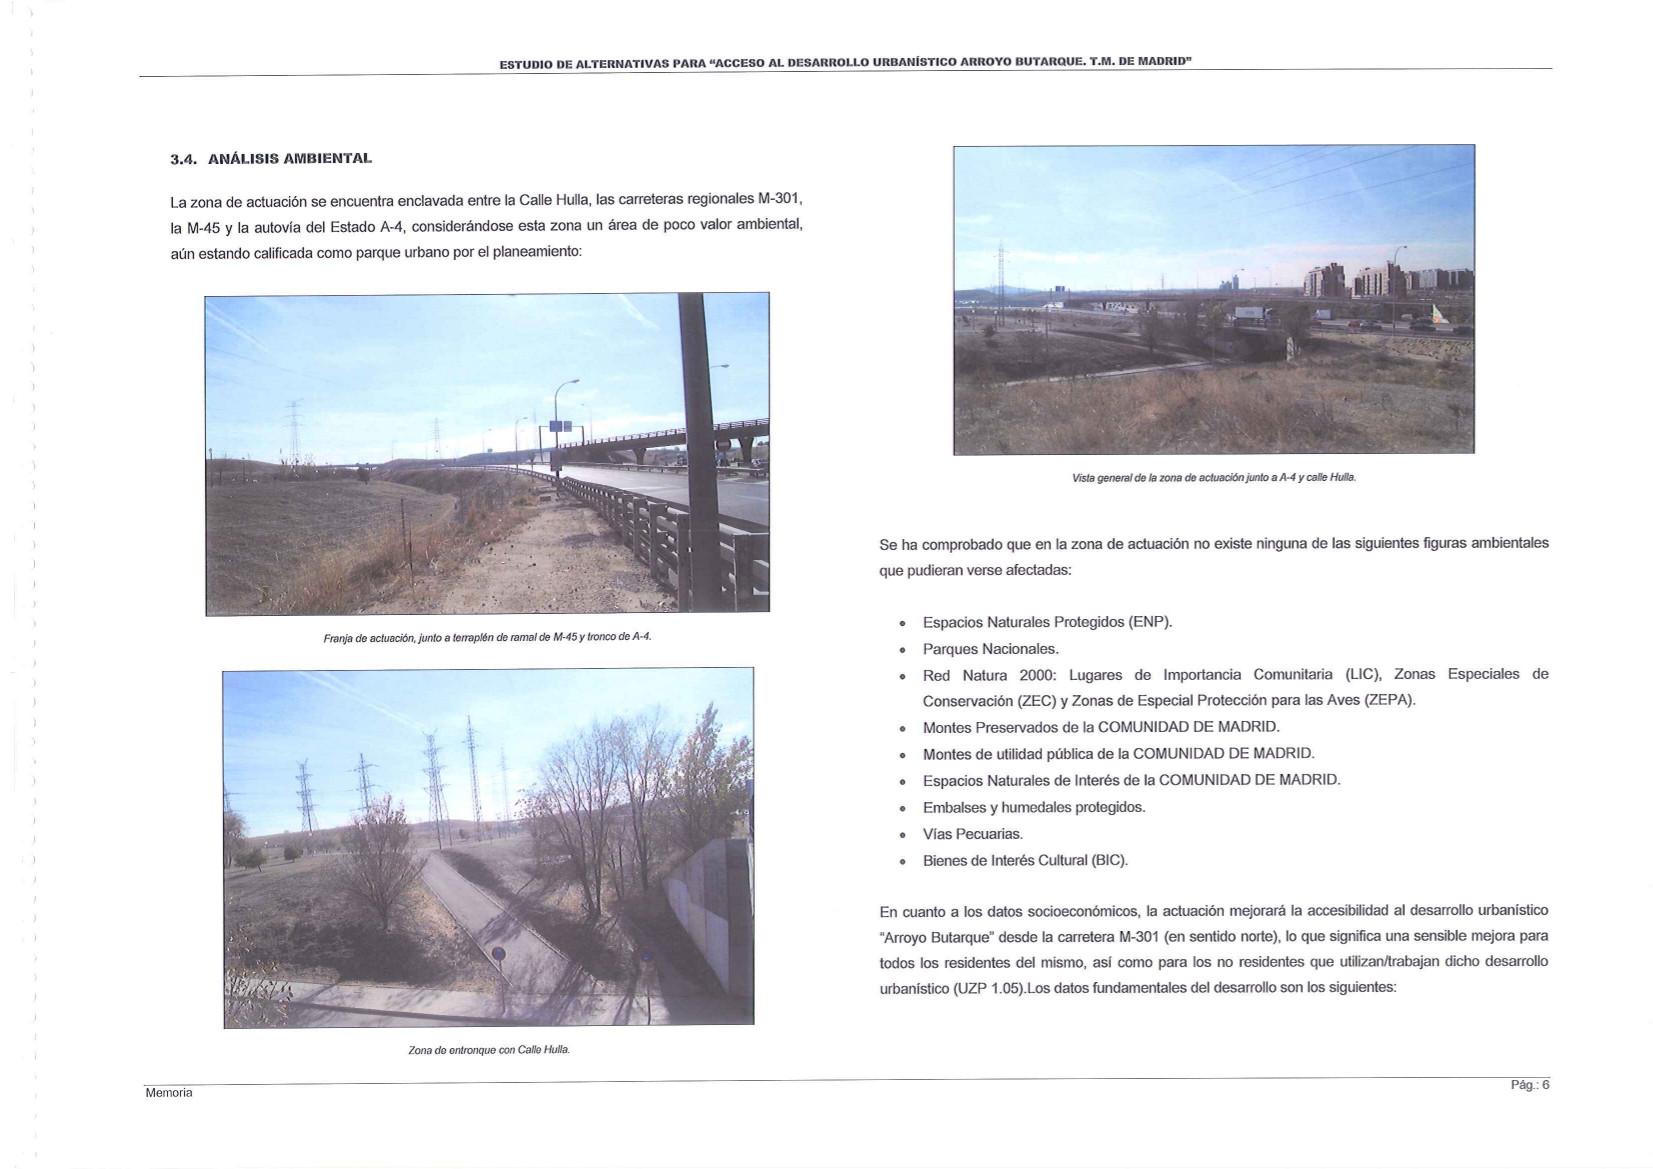 20140200_Estudio_alternativas_accesos_carretera_Butarque_CM_07.jpg